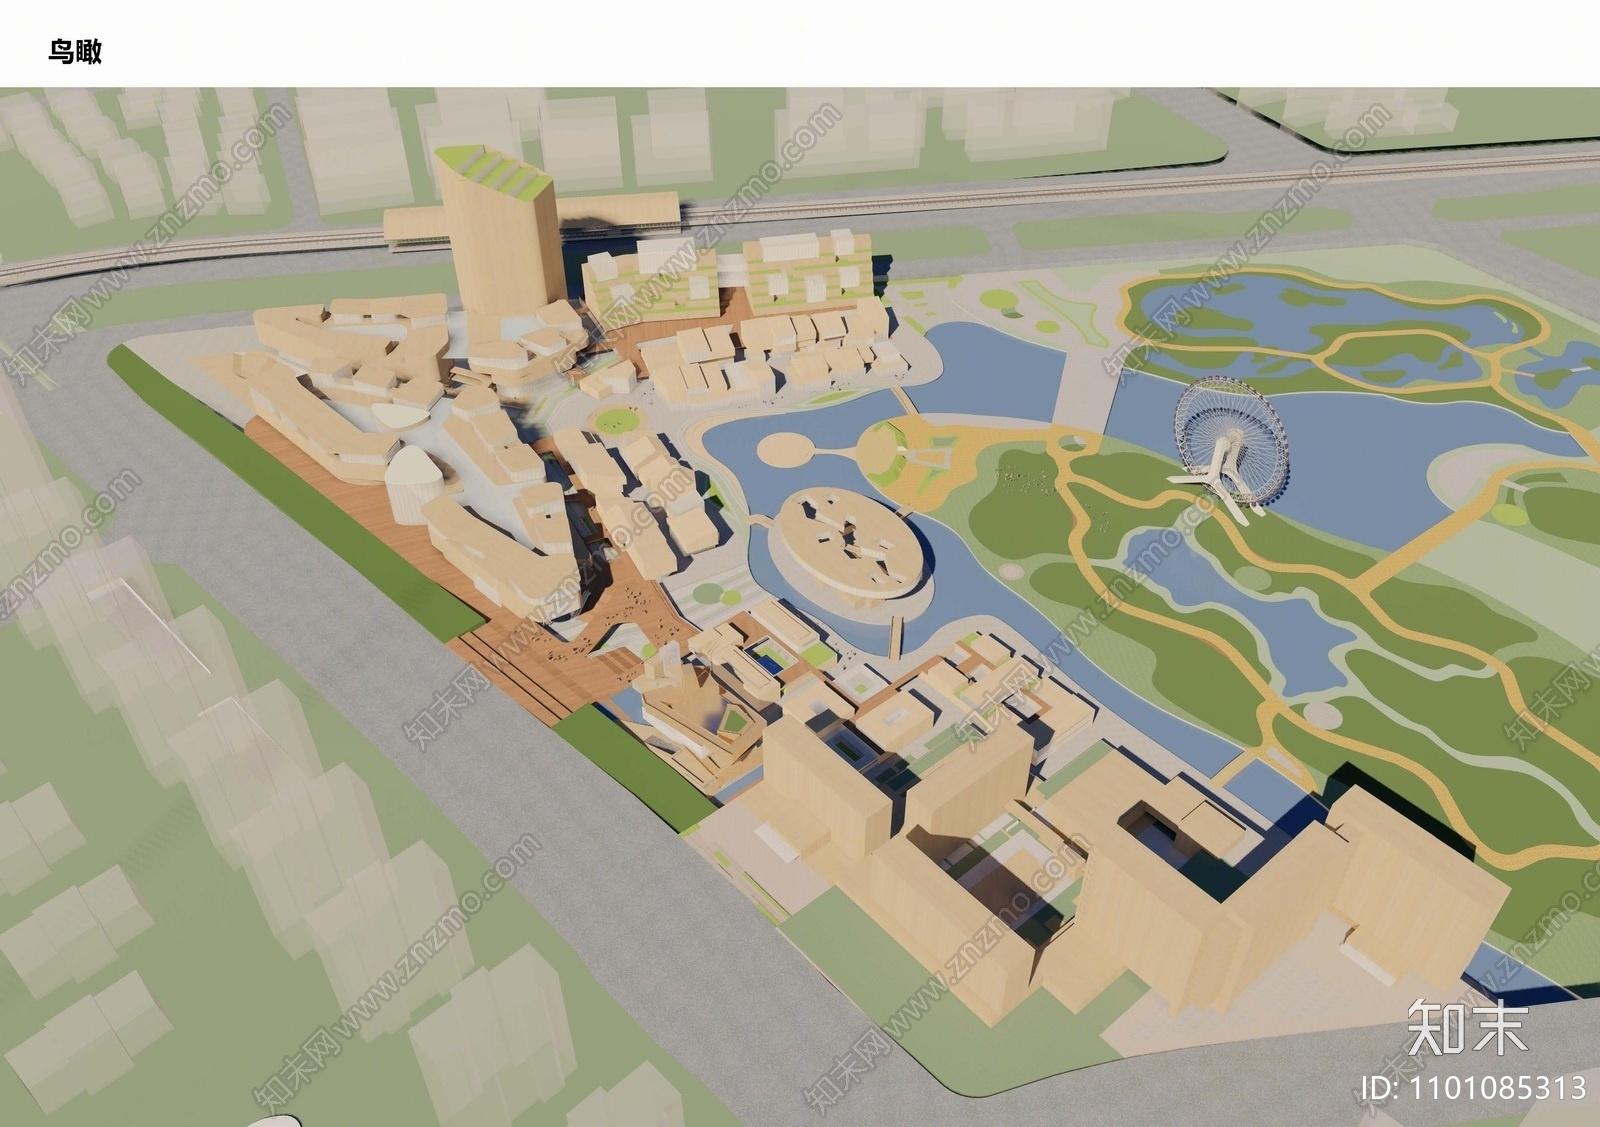 义乌华侨城欢乐海岸plus概念规划设计方案文本下载【ID:1101085313】